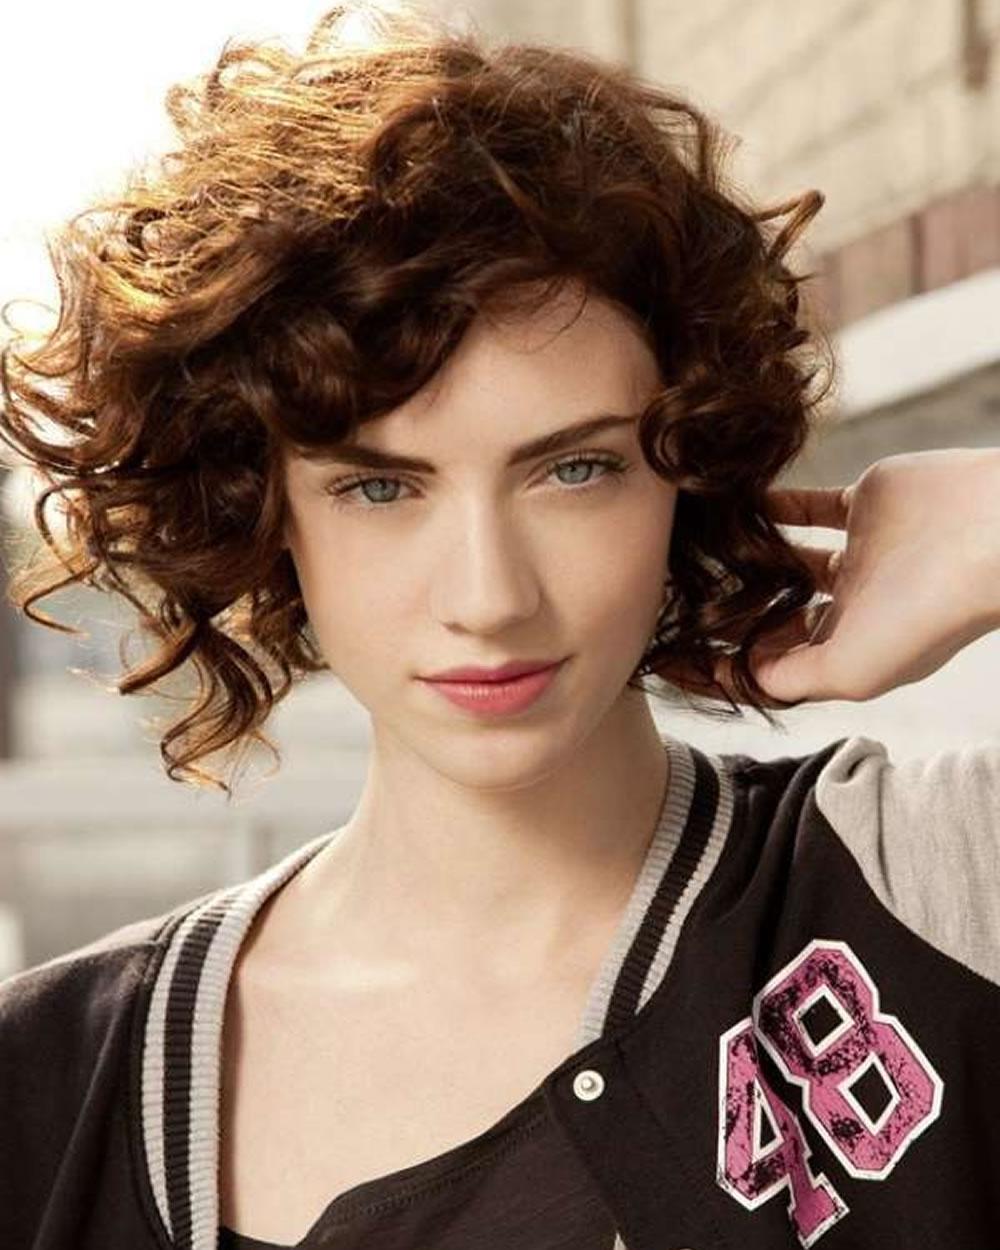 Short Curly Asymmetrical Bob Haircut For Fine Hair – Page 5 – Hairstyles With Short Curly Hairstyles For Fine Hair (View 25 of 25)